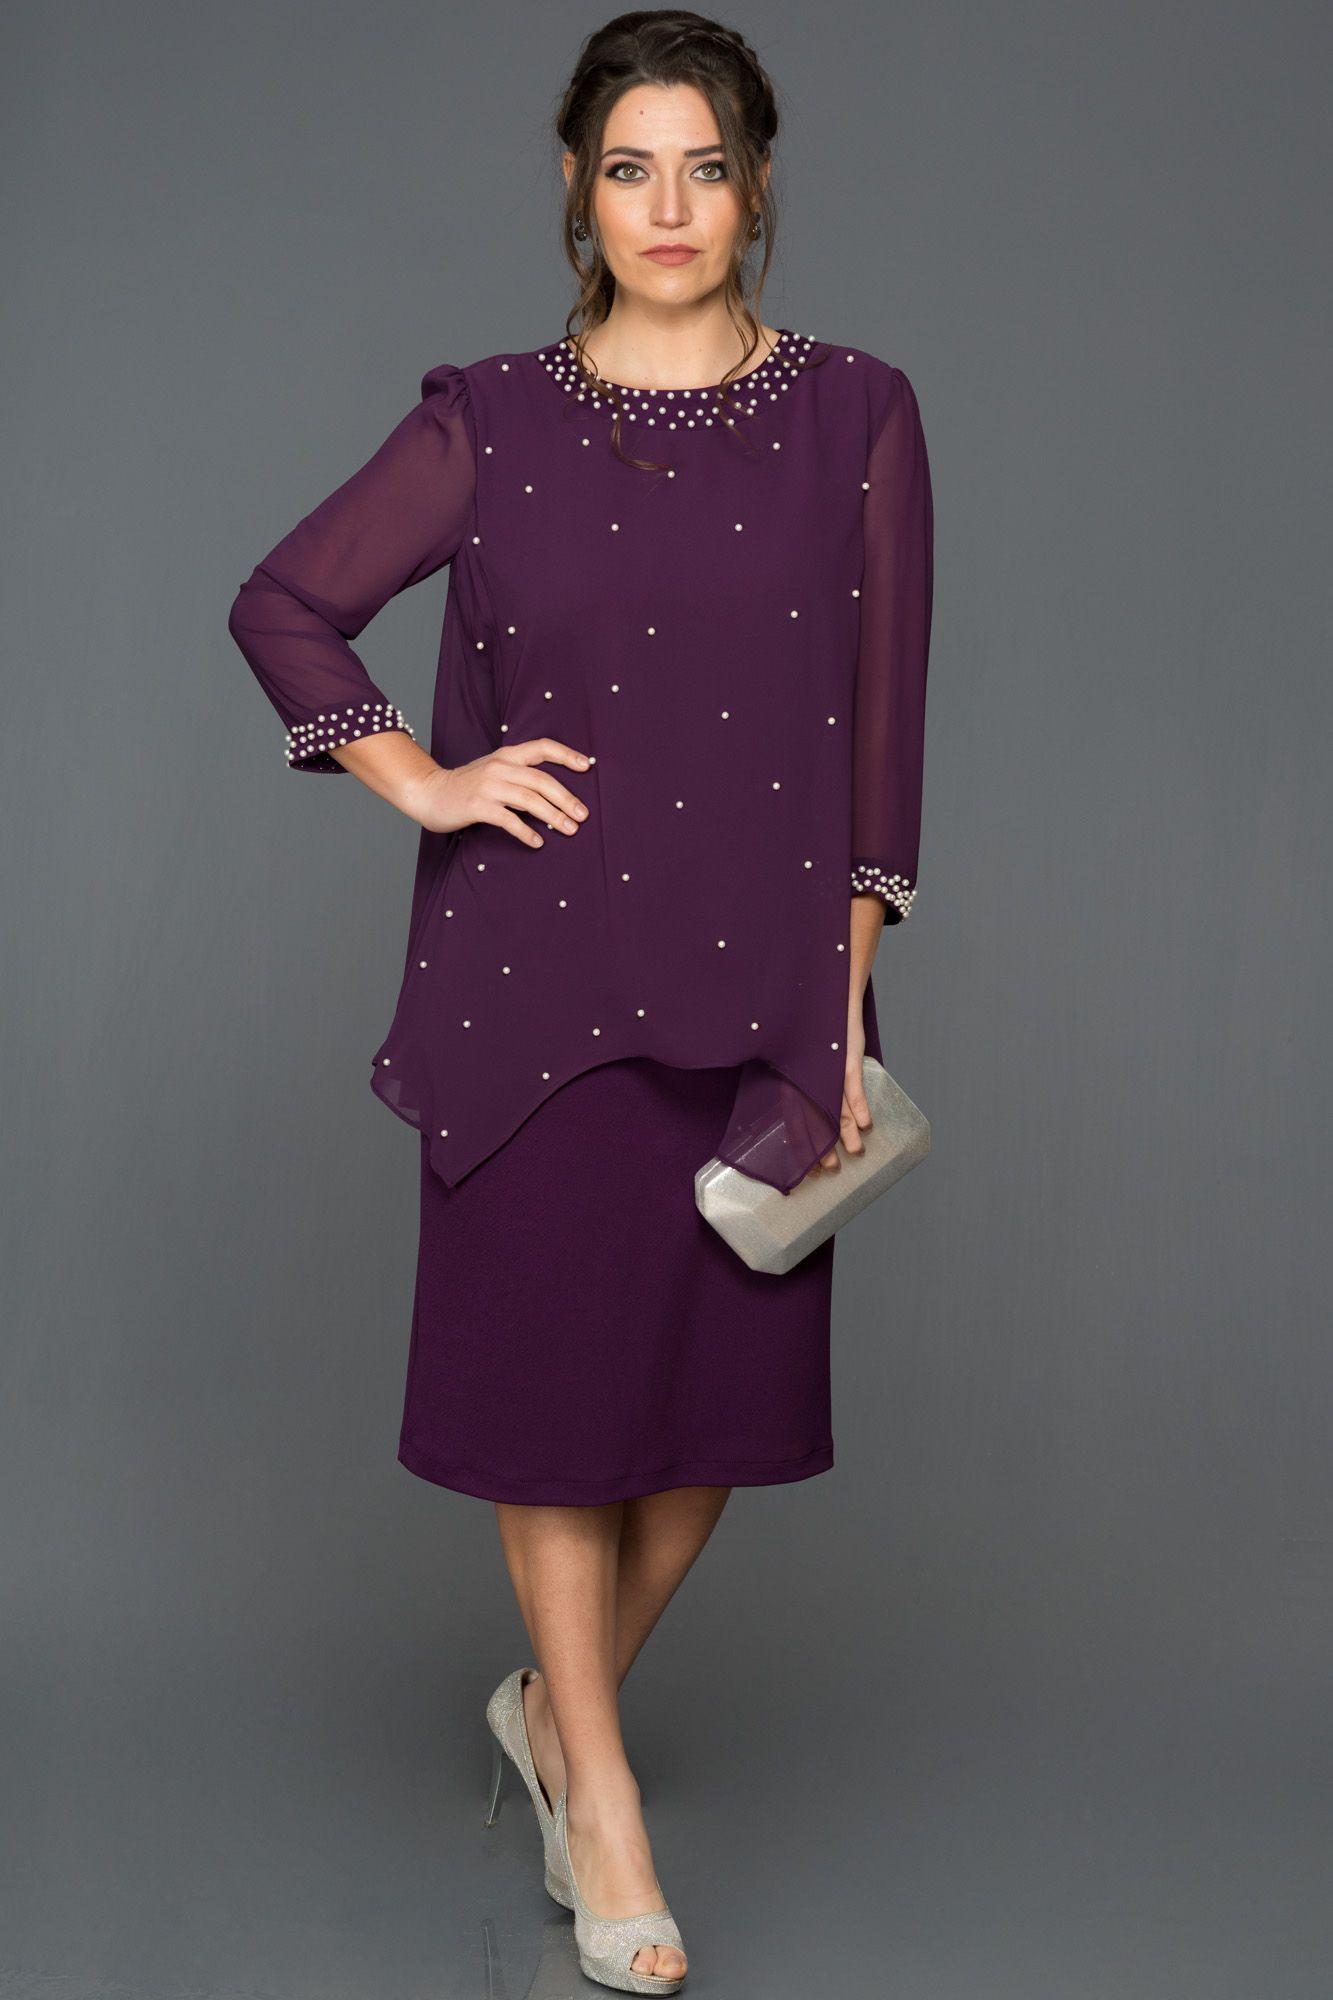 Mor Kapri Kol Buyuk Beden Abiye Abk030 Mor Elbise The Dress